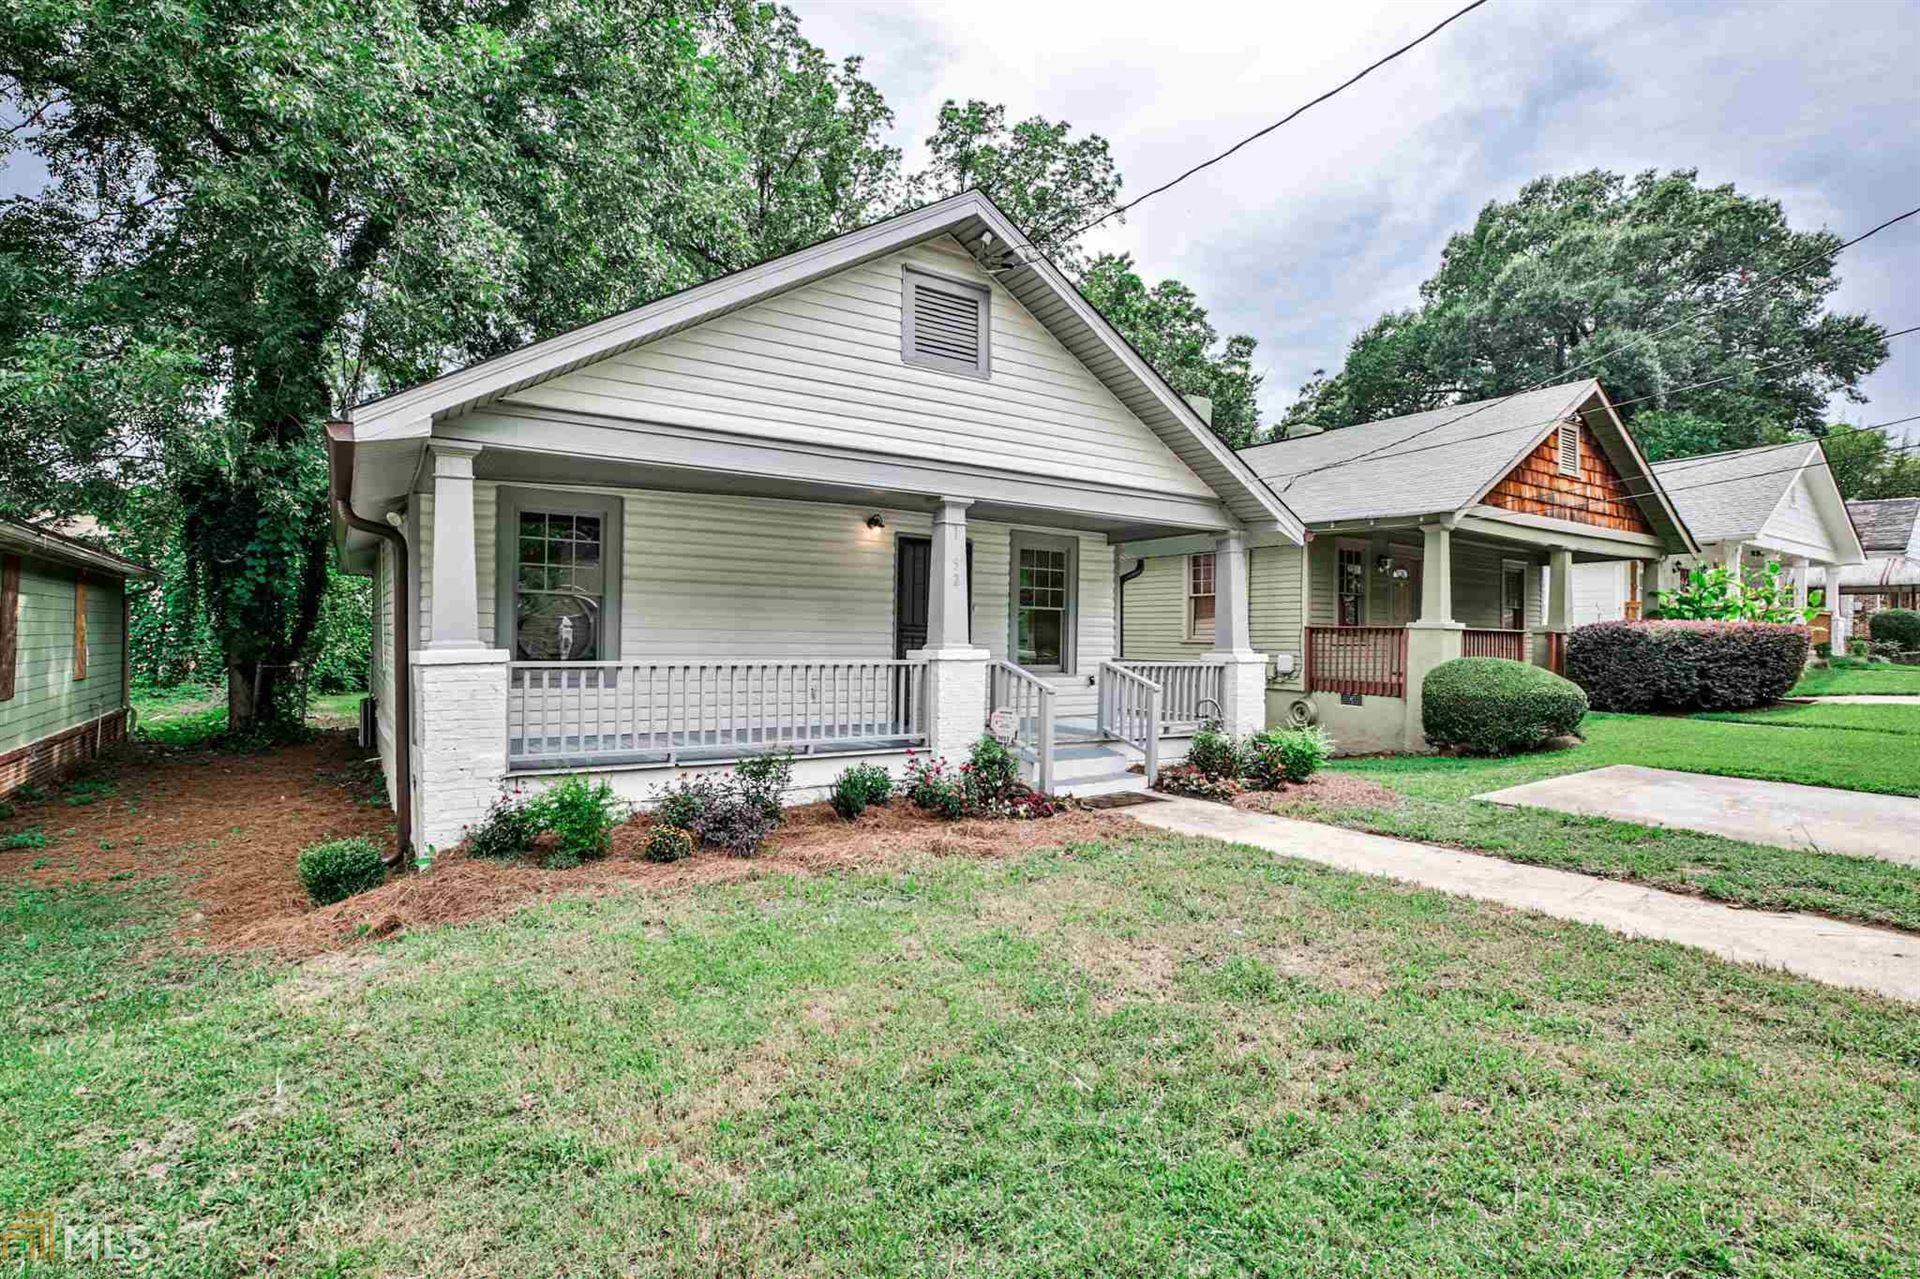 1052 Ashby Grv, Atlanta, GA 30314 - #: 8840743